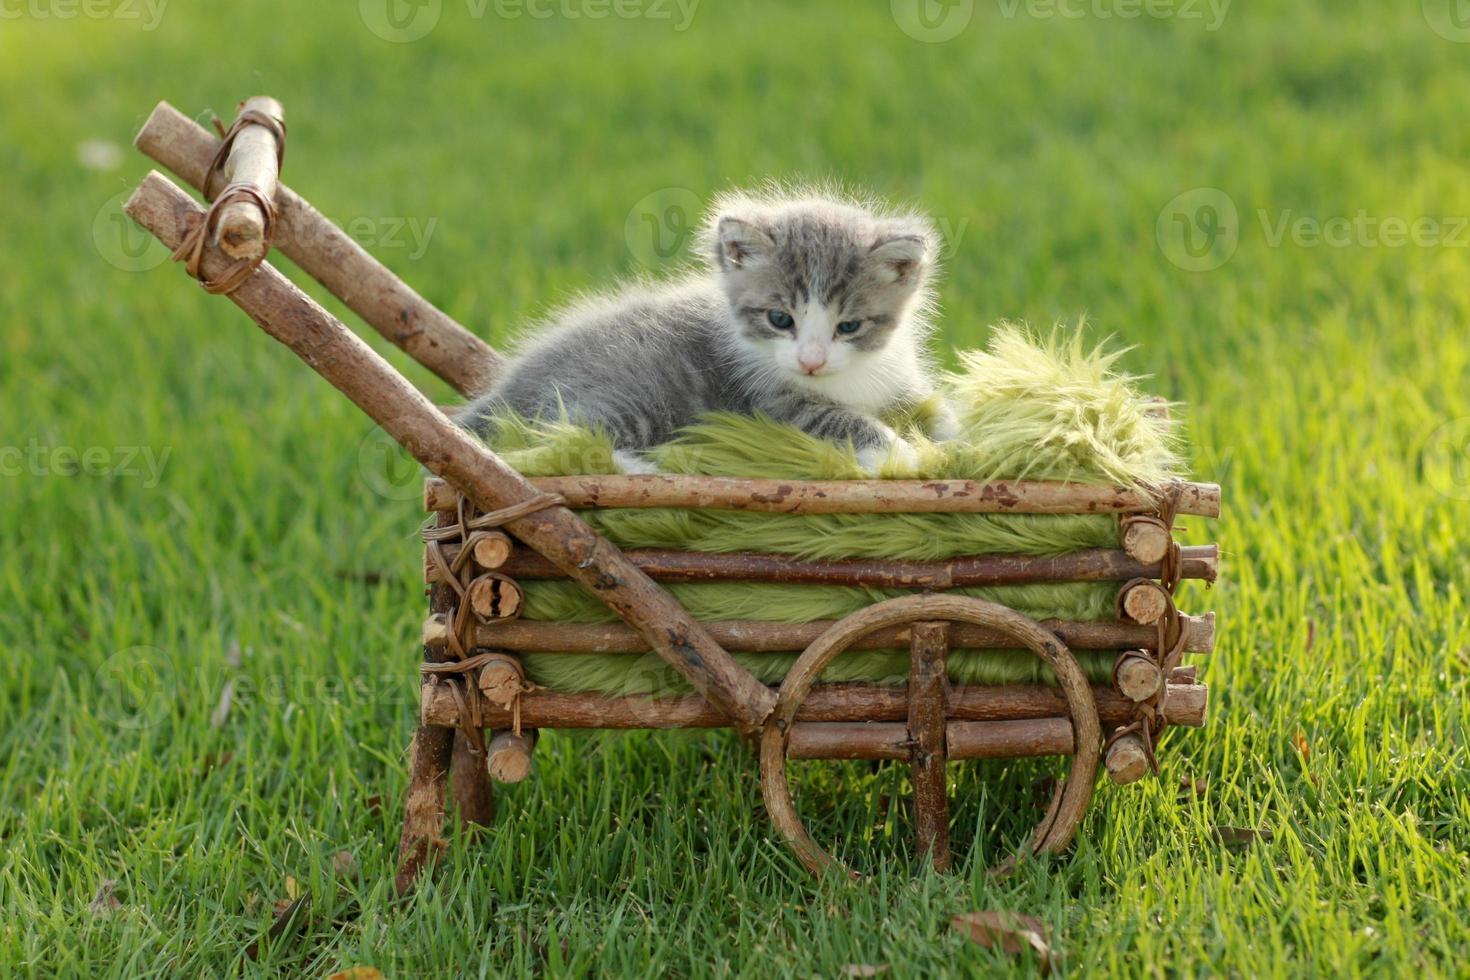 Babykätzchen draußen im Gras foto